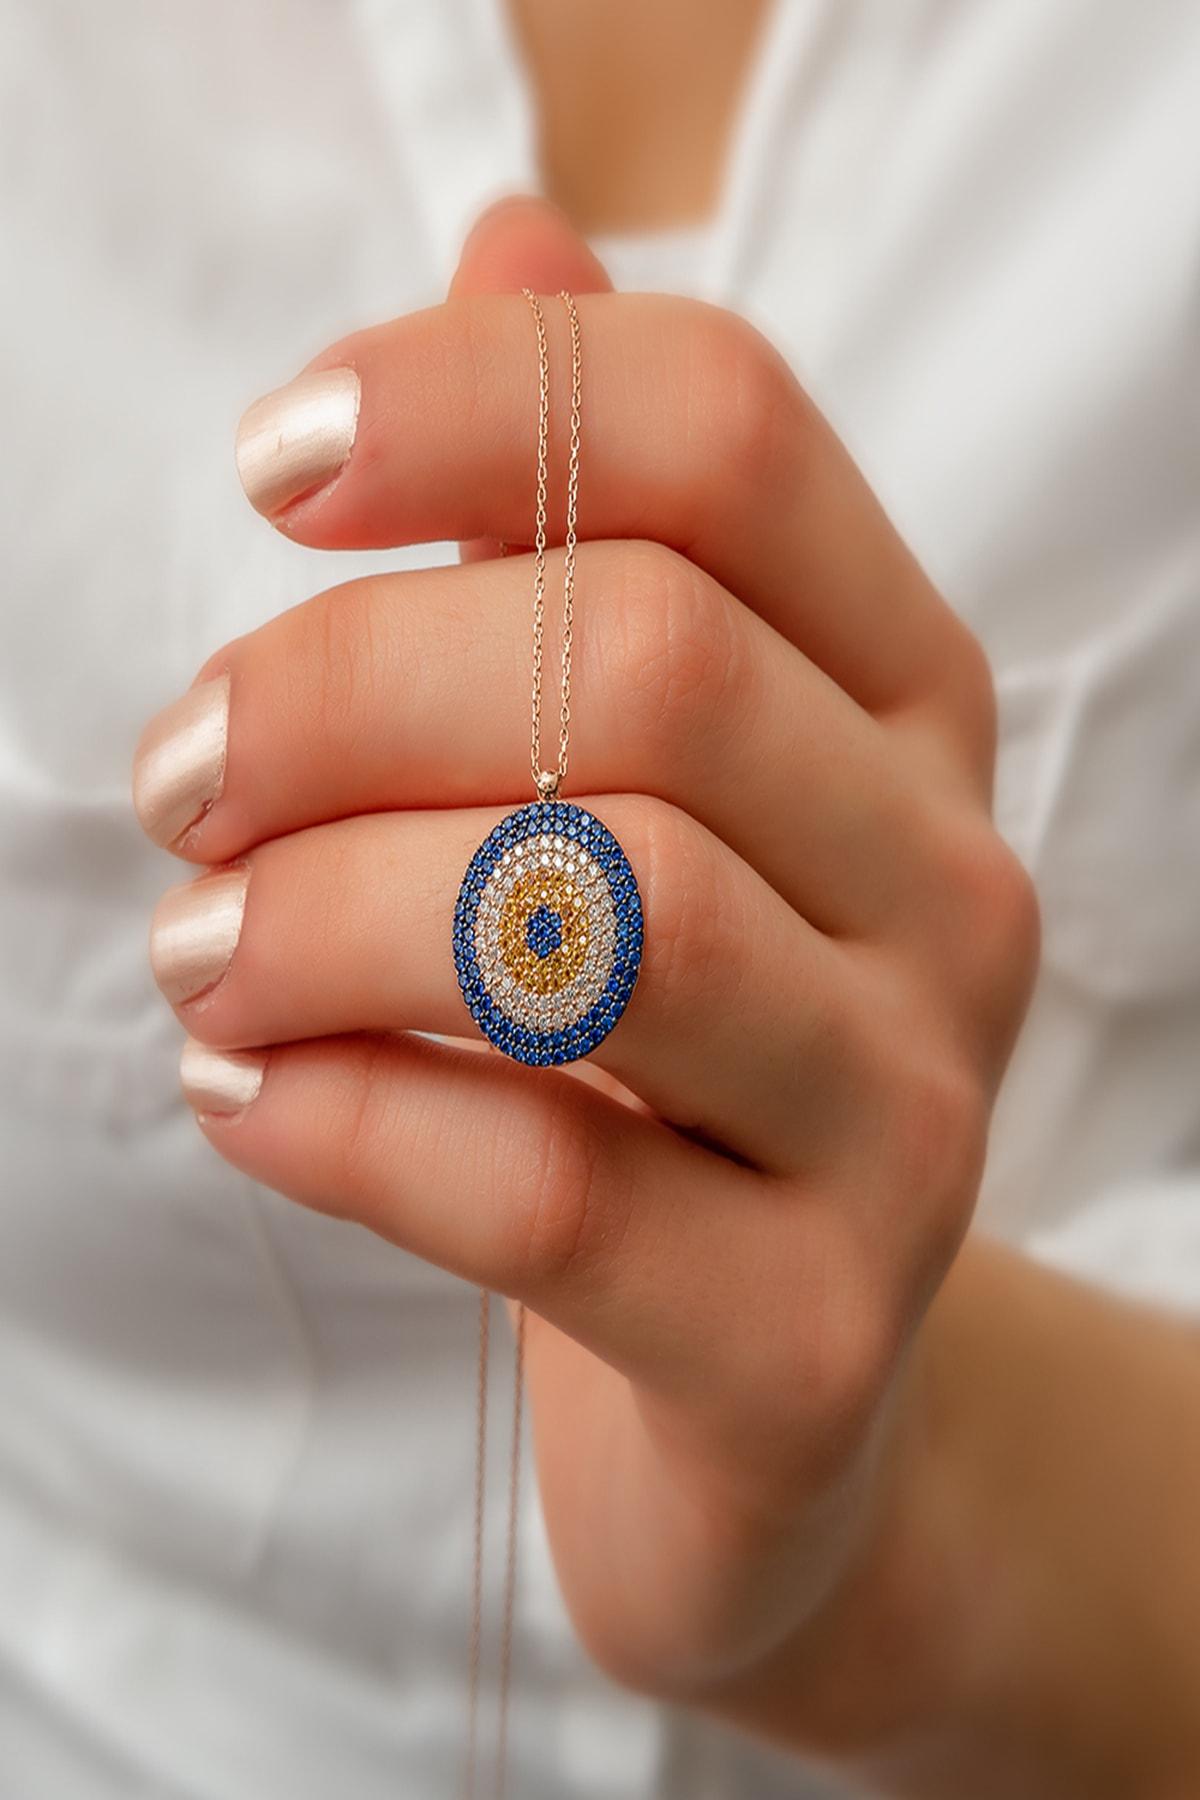 Elika Silver Kadın Büyük Nazar Boncuklu Rose Kaplama 925 Ayar Gümüş Kolye PP411